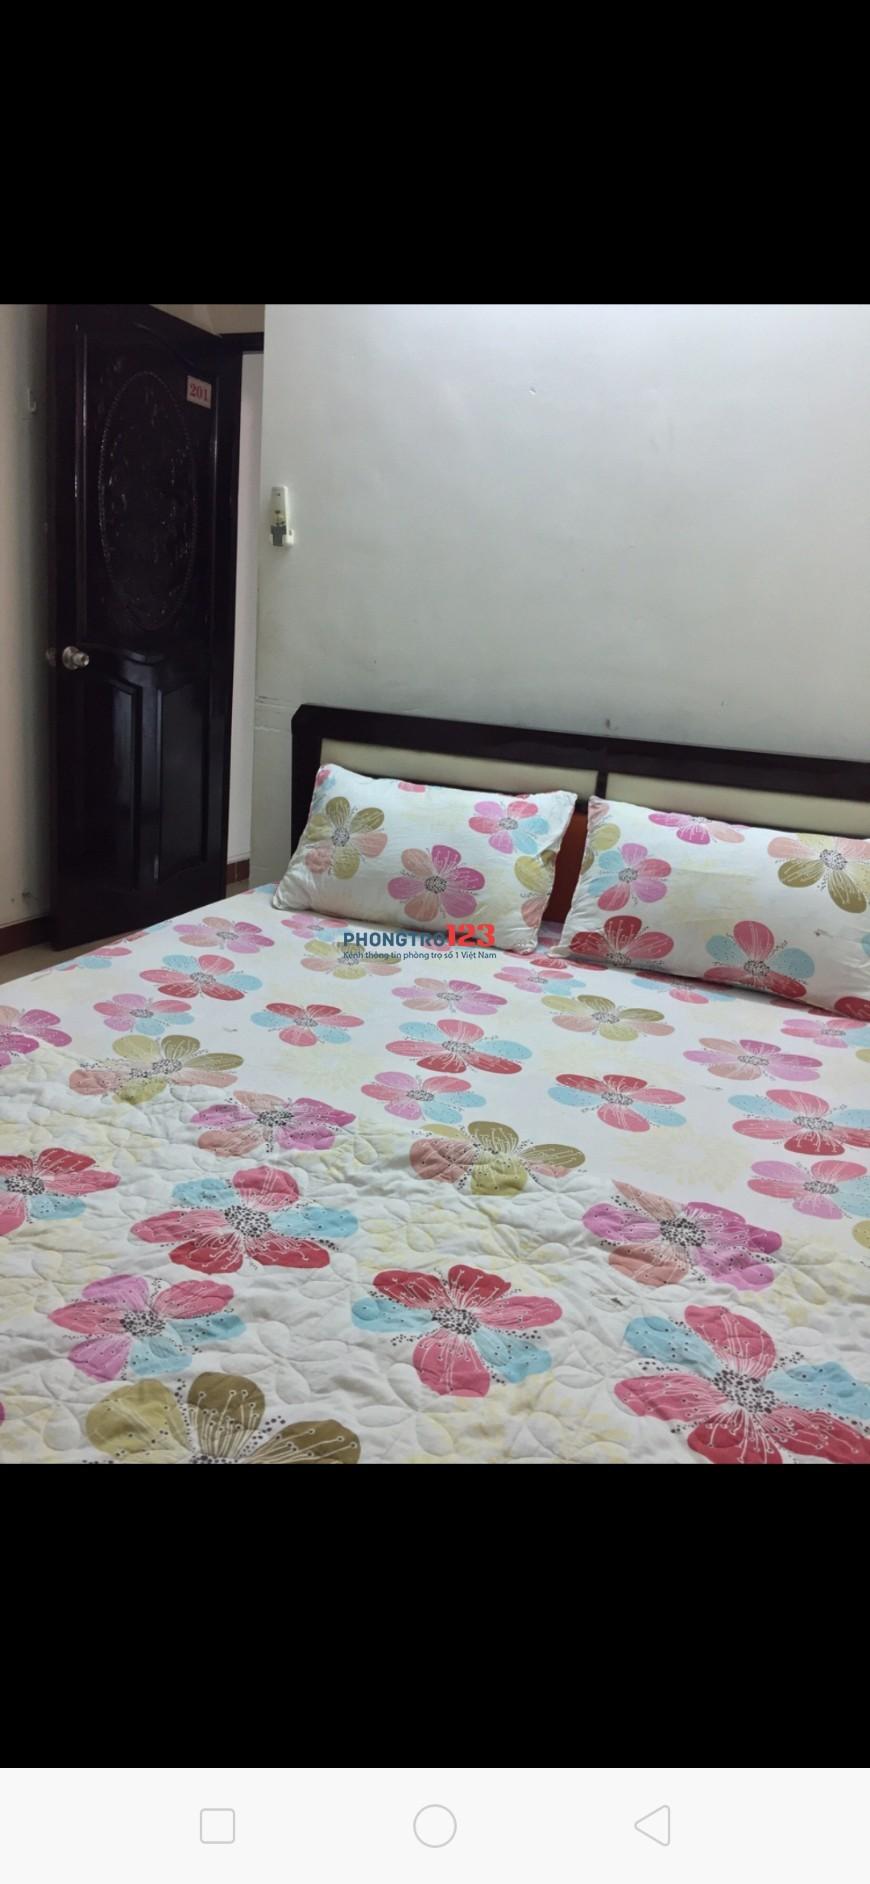 Cho thuê phòng Full nội thất Ngay khu Bùi Viện, Q.1. Giá từ 4,5tr/tháng, LH Mr Nguyện